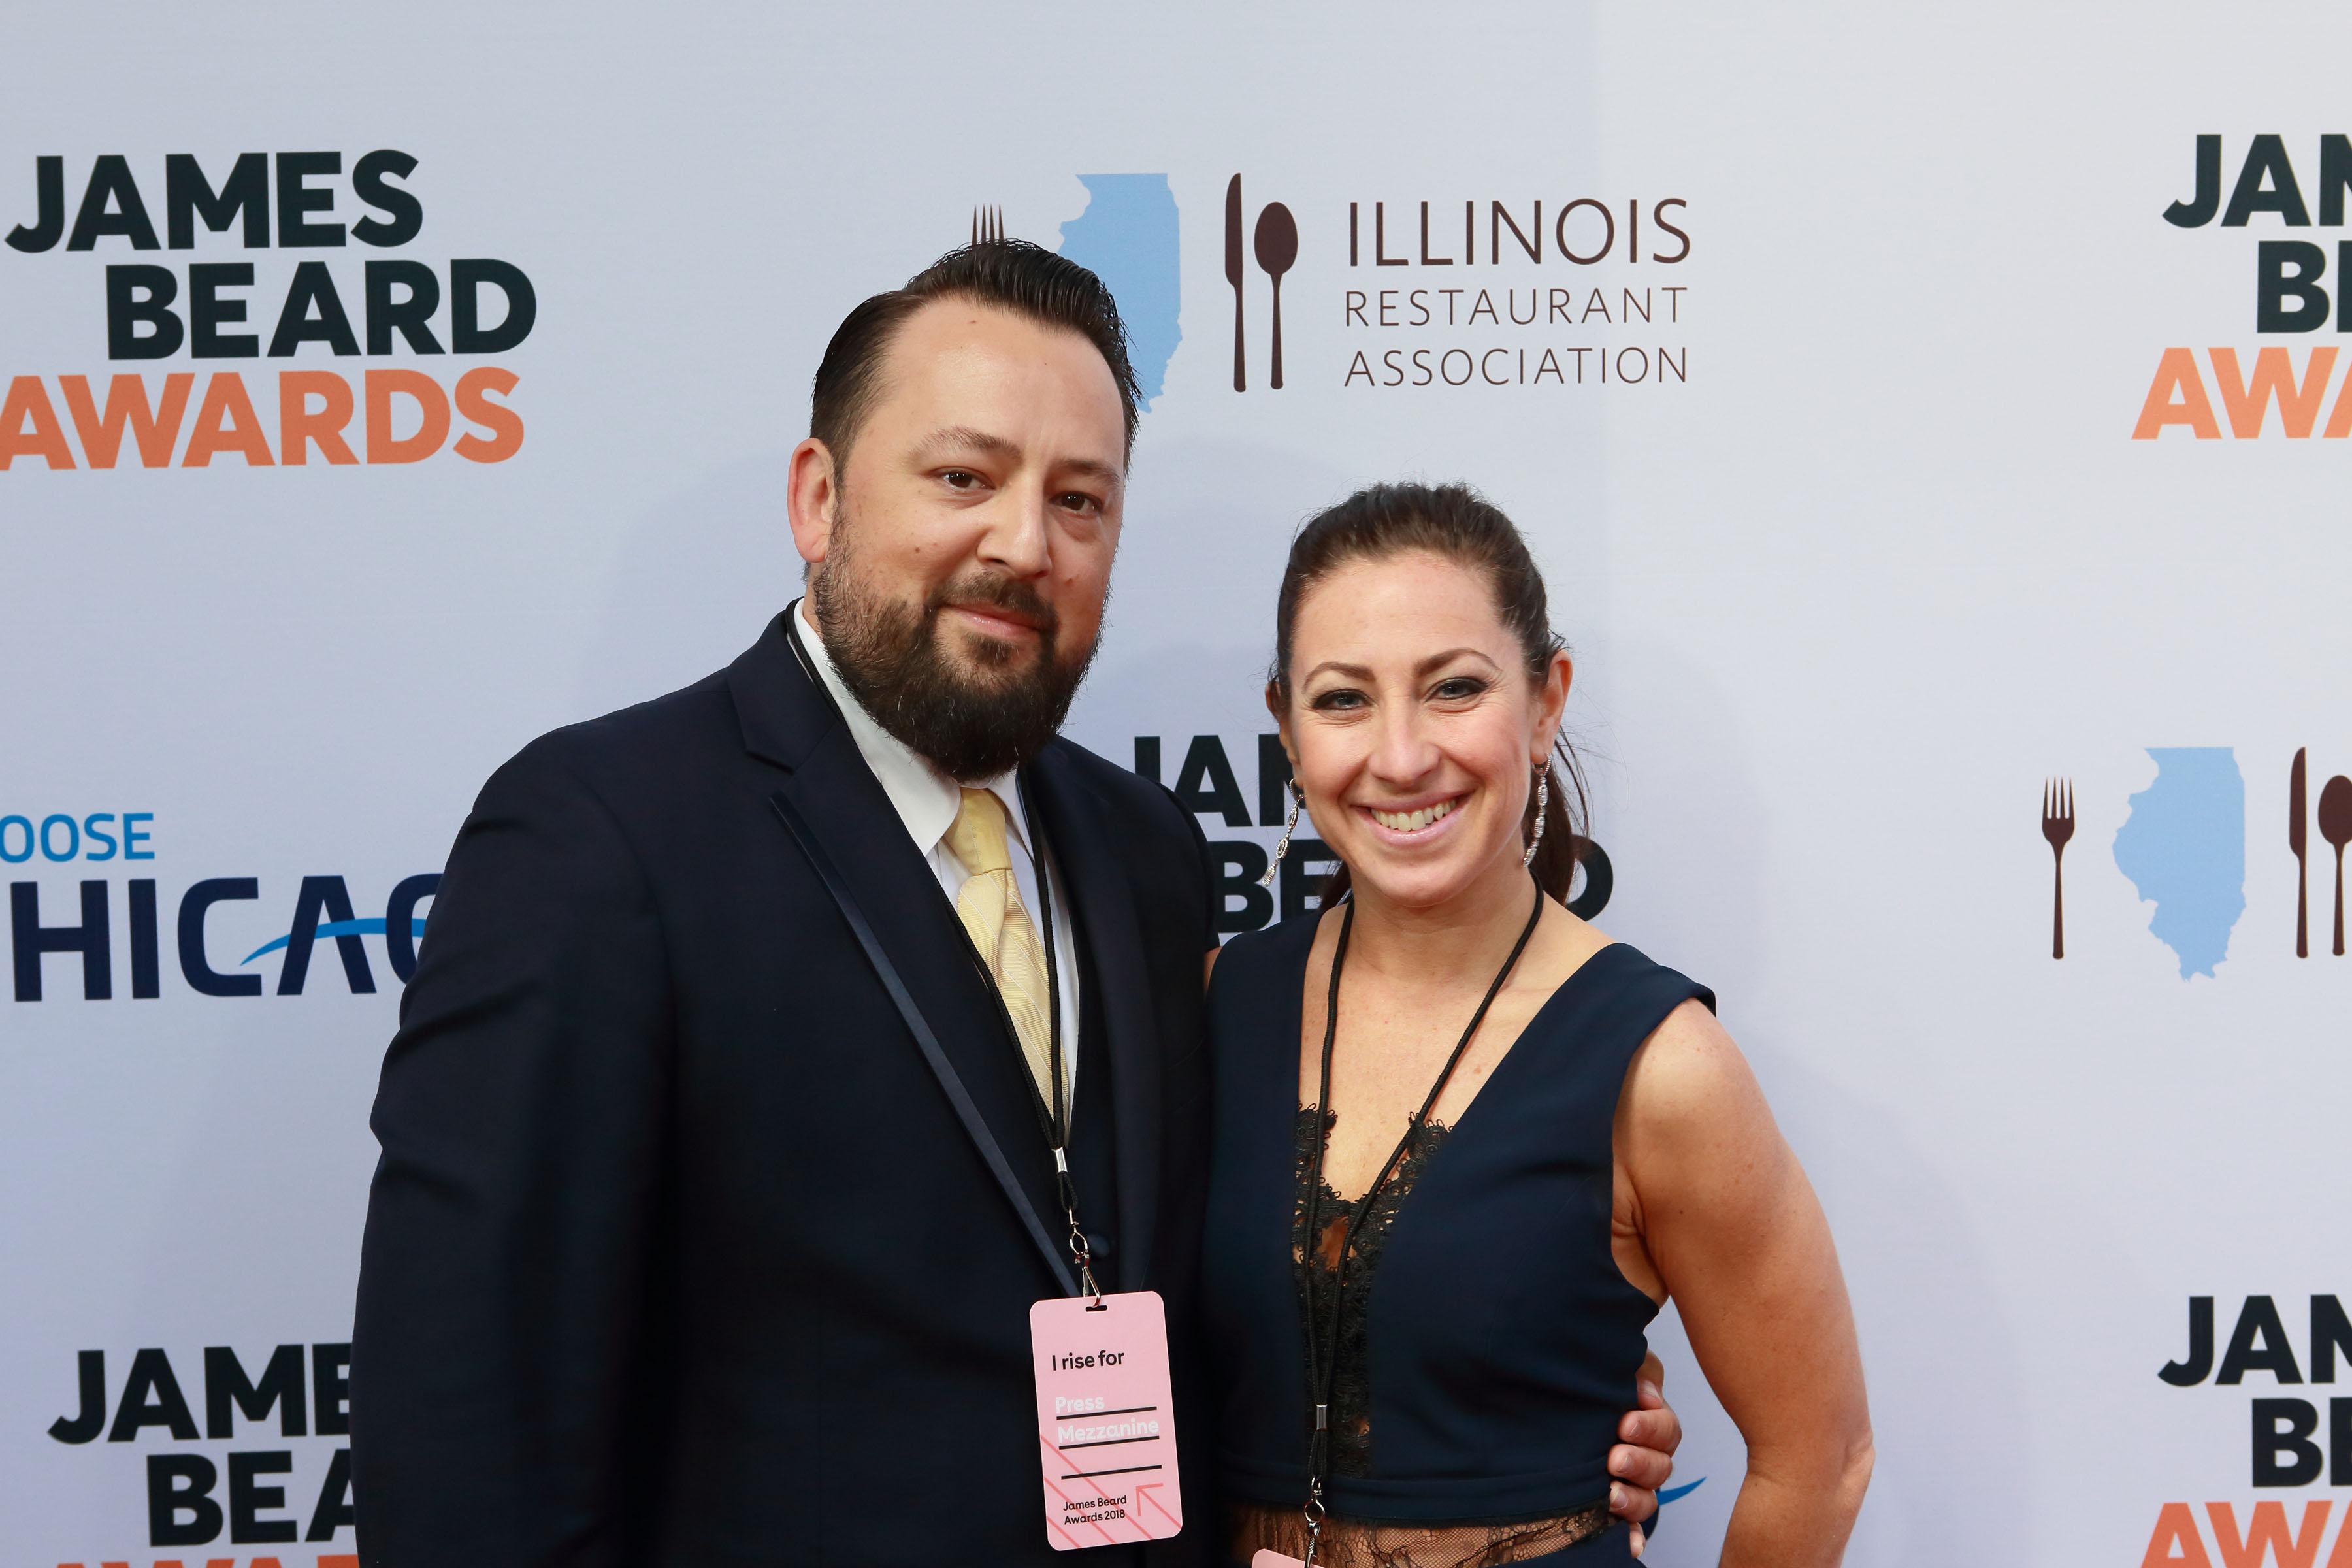 Felicia and Max Trujillo at the James Beard Awards